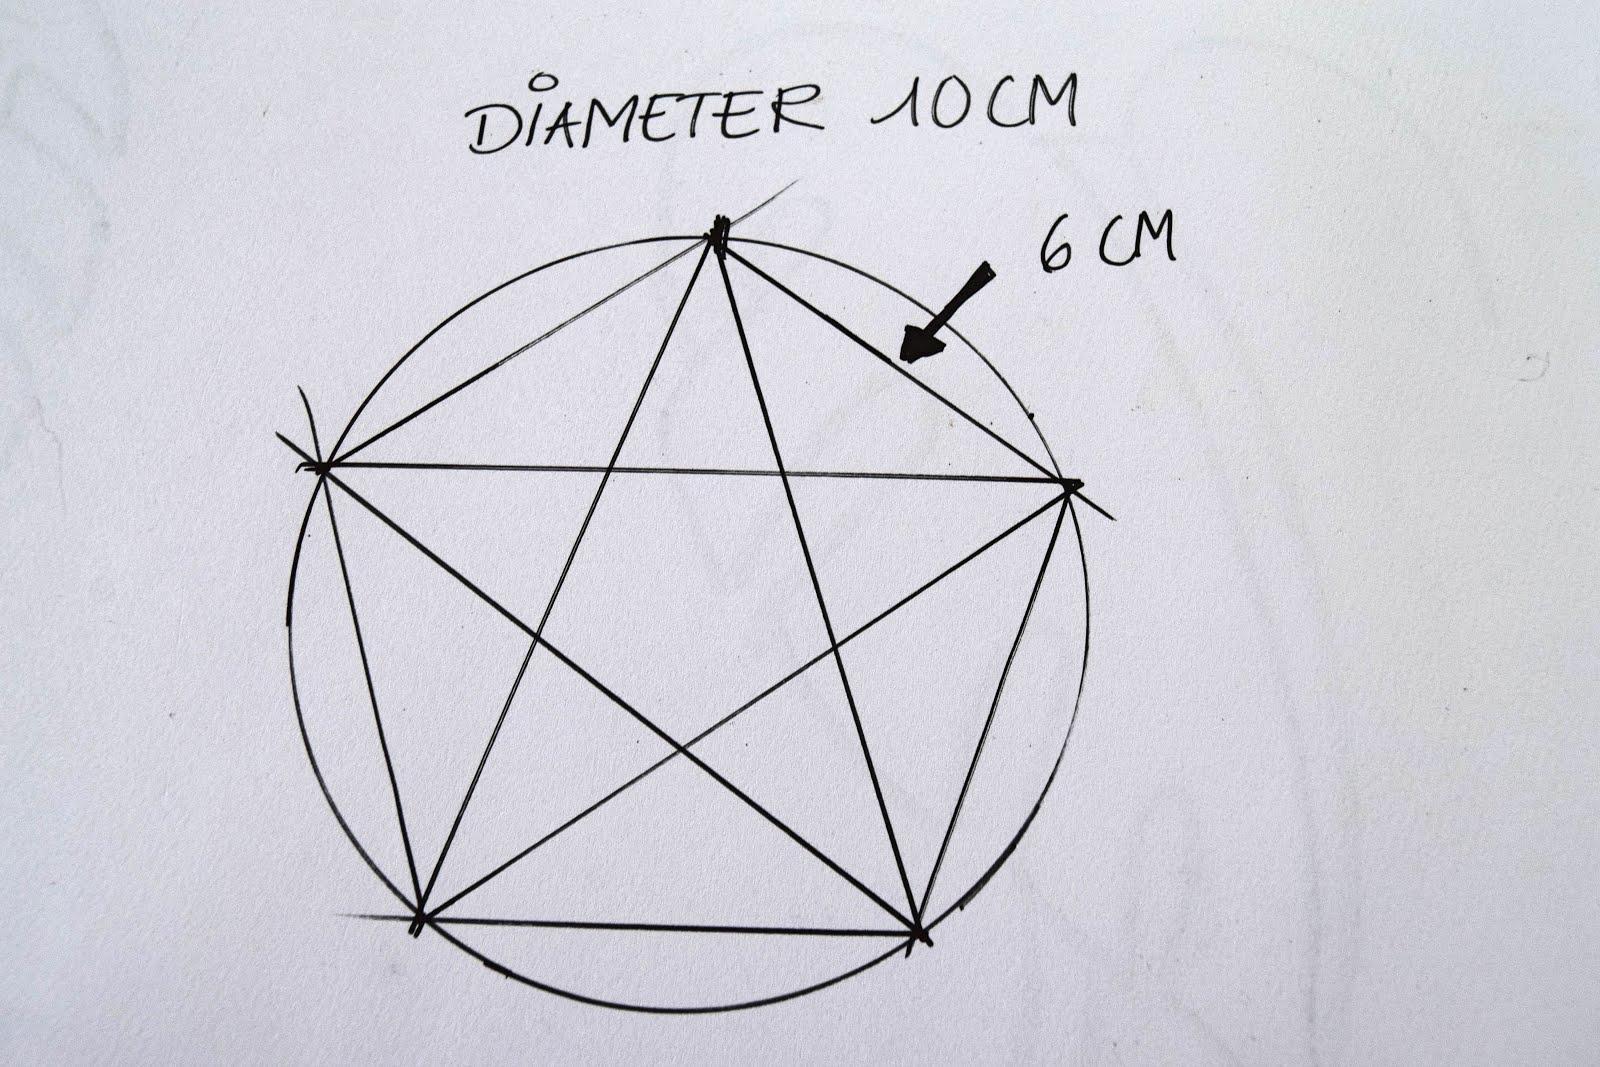 Guide: Sådan konstrueres en stjerne skabelon